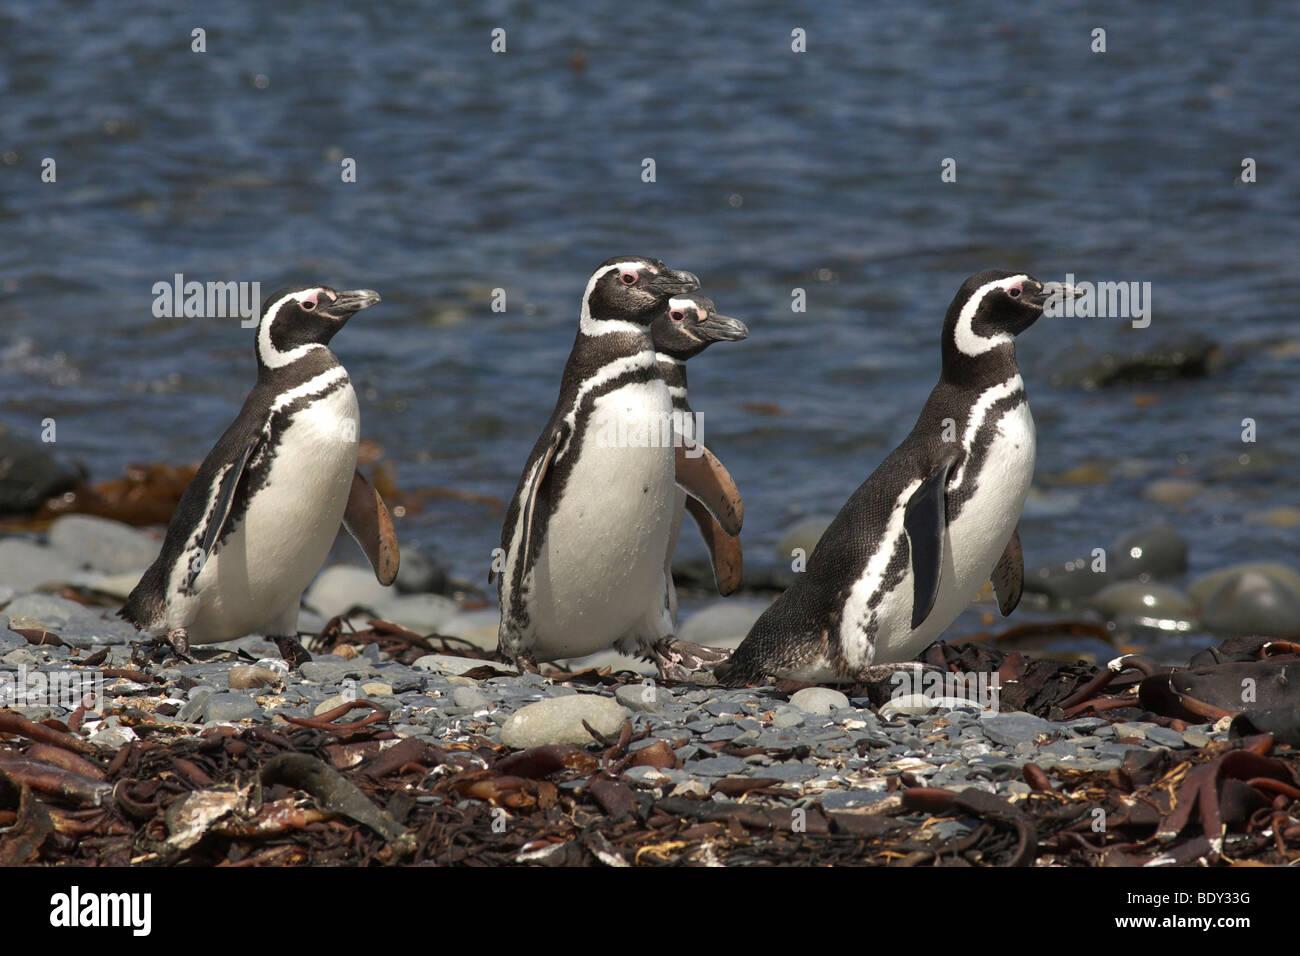 Magellanic Penguins (Spheniscus magellanicus), Falkland Islands Stock Photo